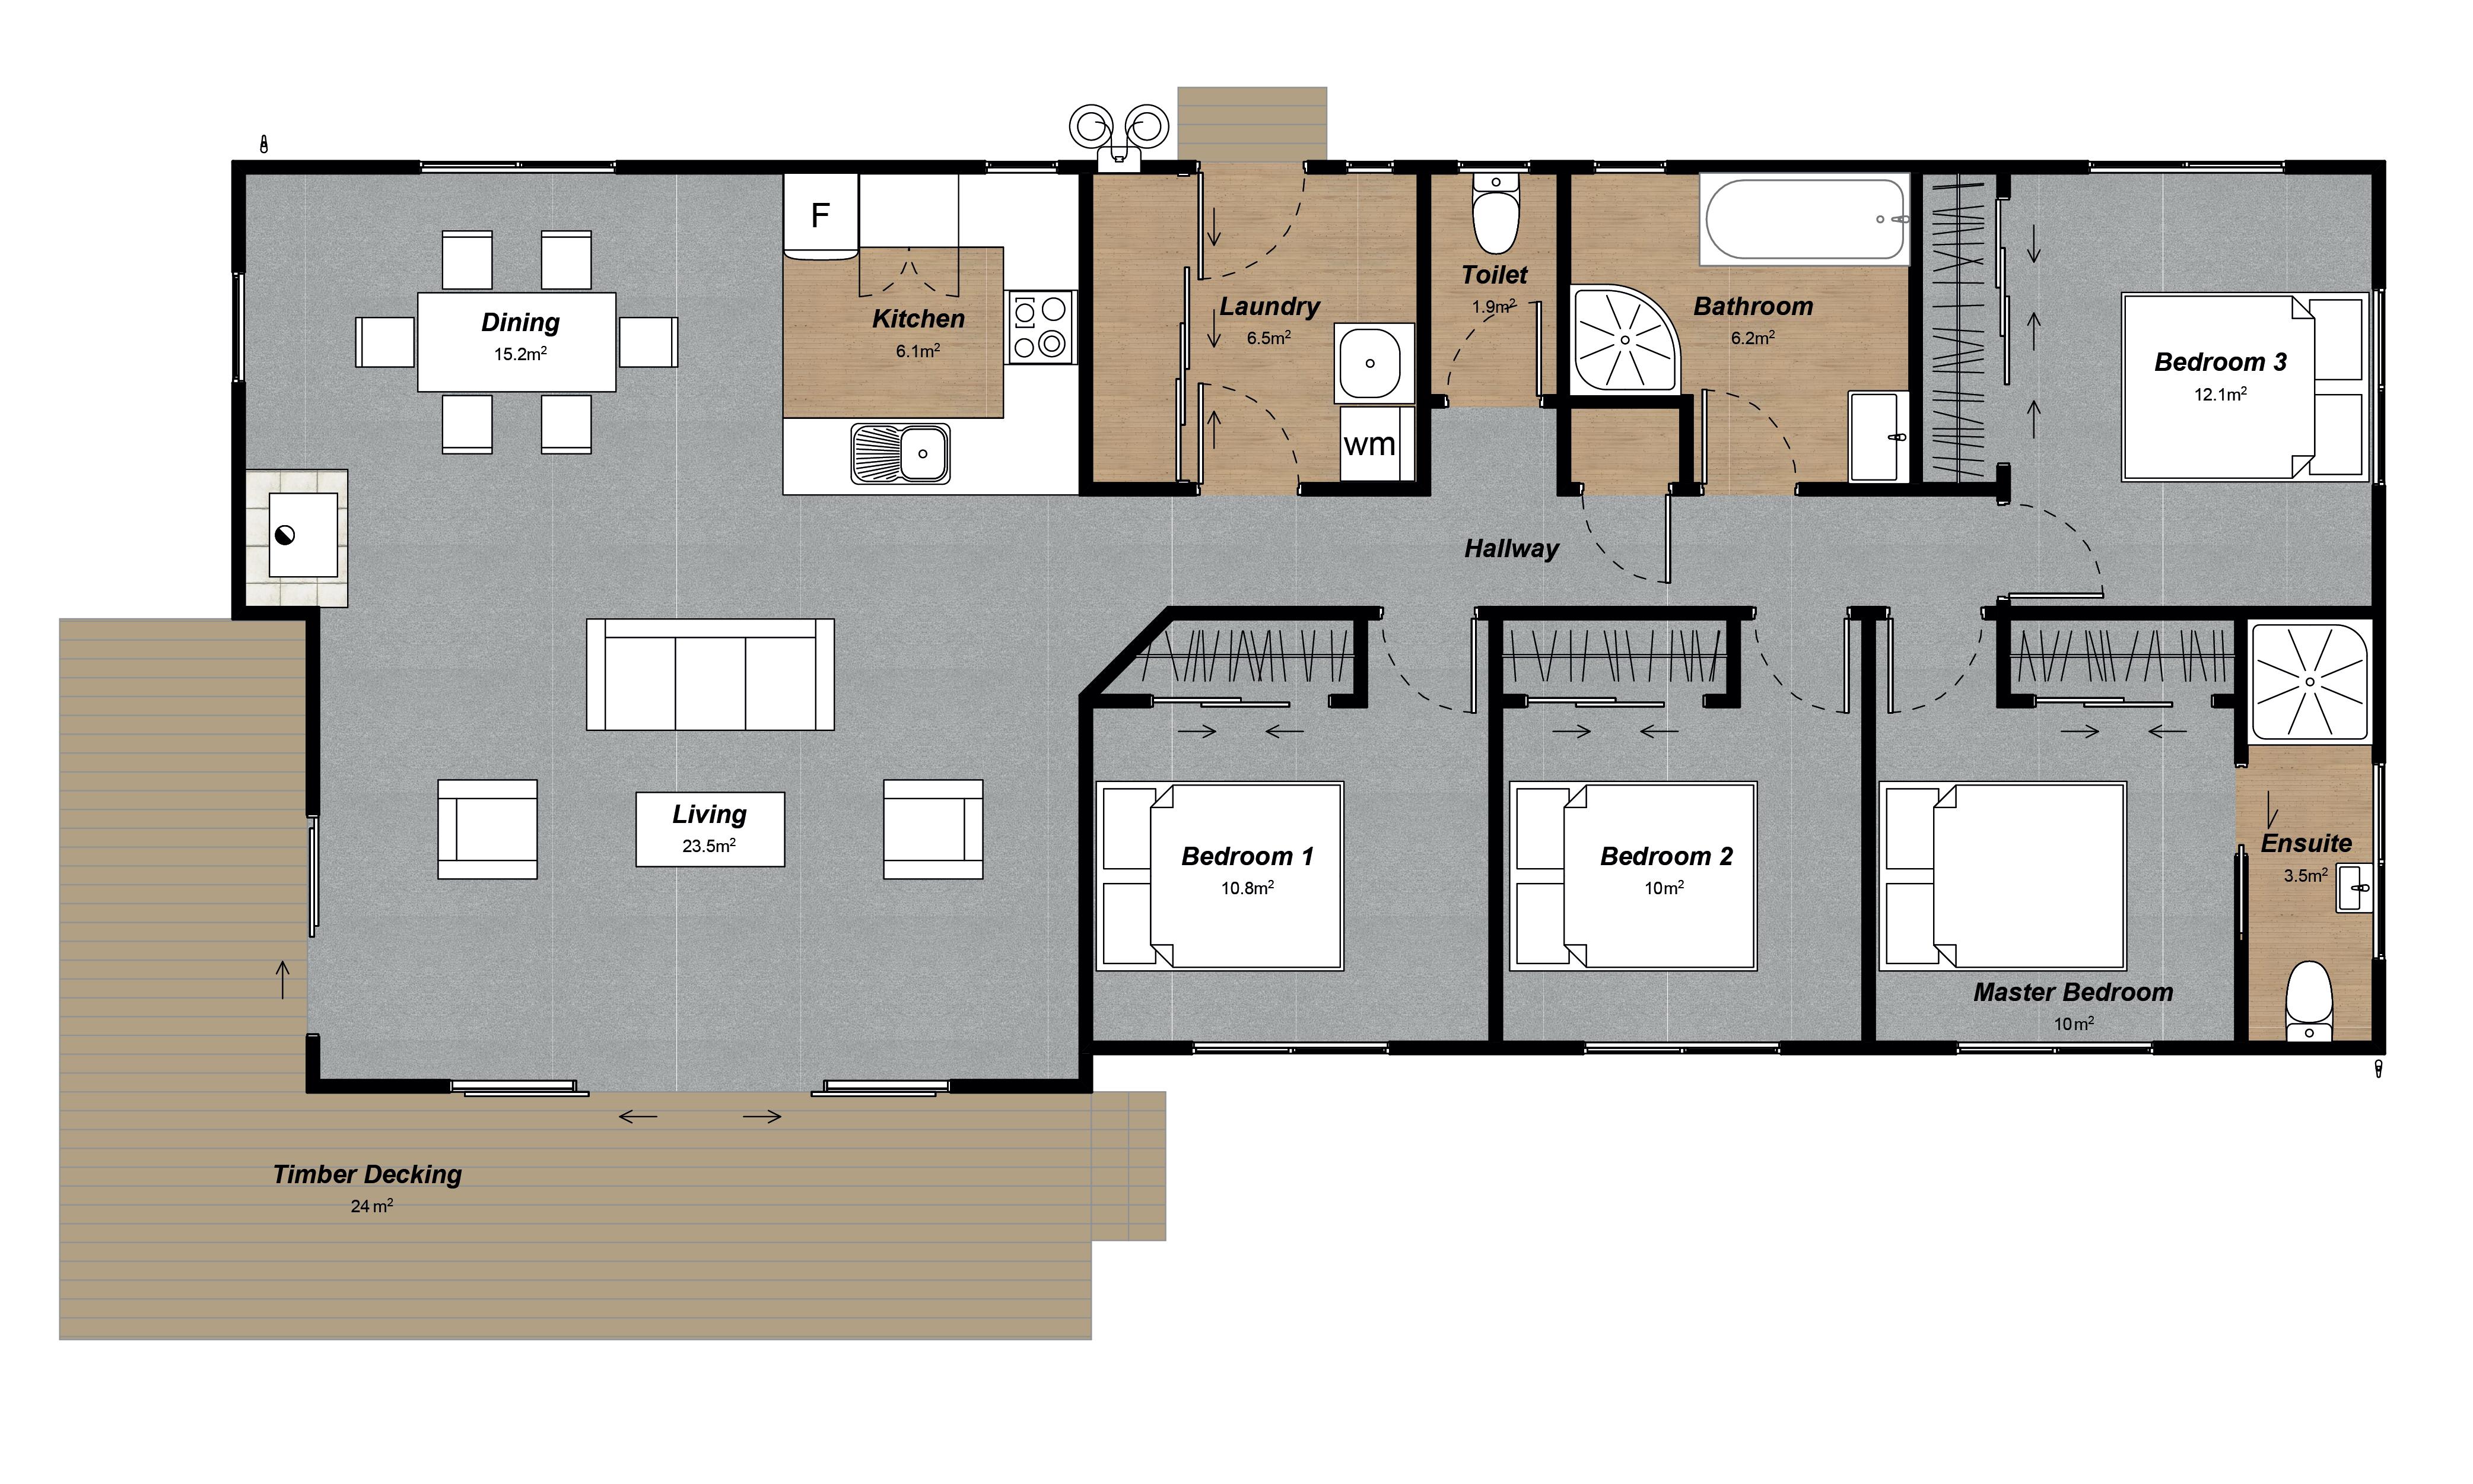 Sumner 4 bedroom design